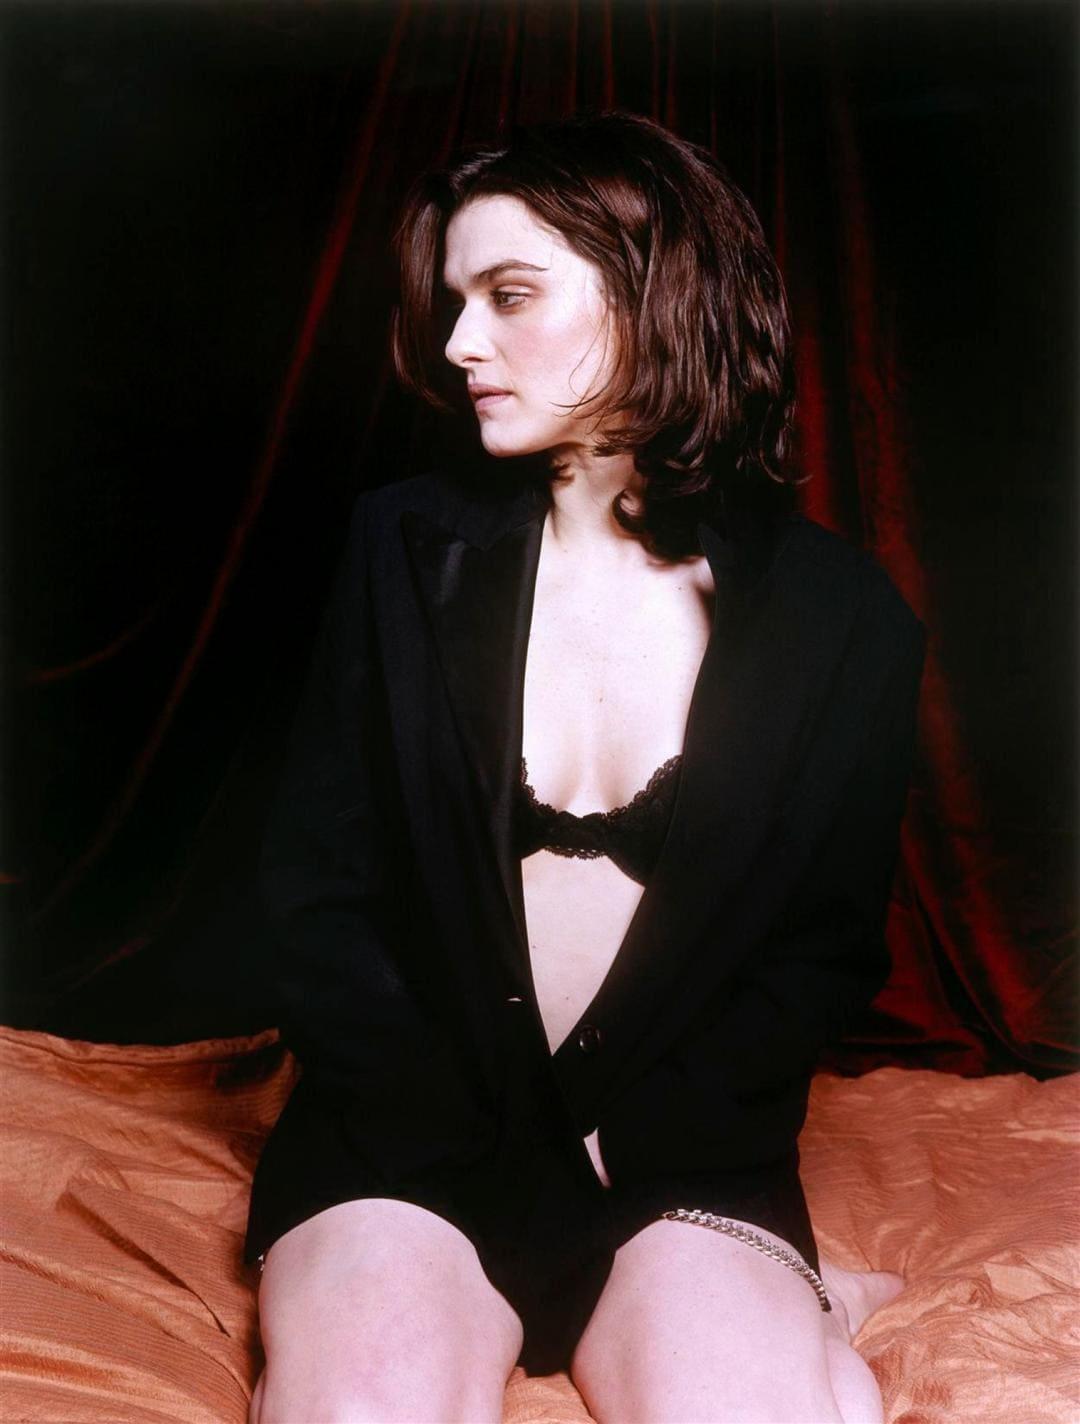 Рэйчел Вайс фото сидит на кровати в расстегнутом черном пиджаке выглядывает бюстик с сиськами, голова повернута набок, задумчивый взгляд